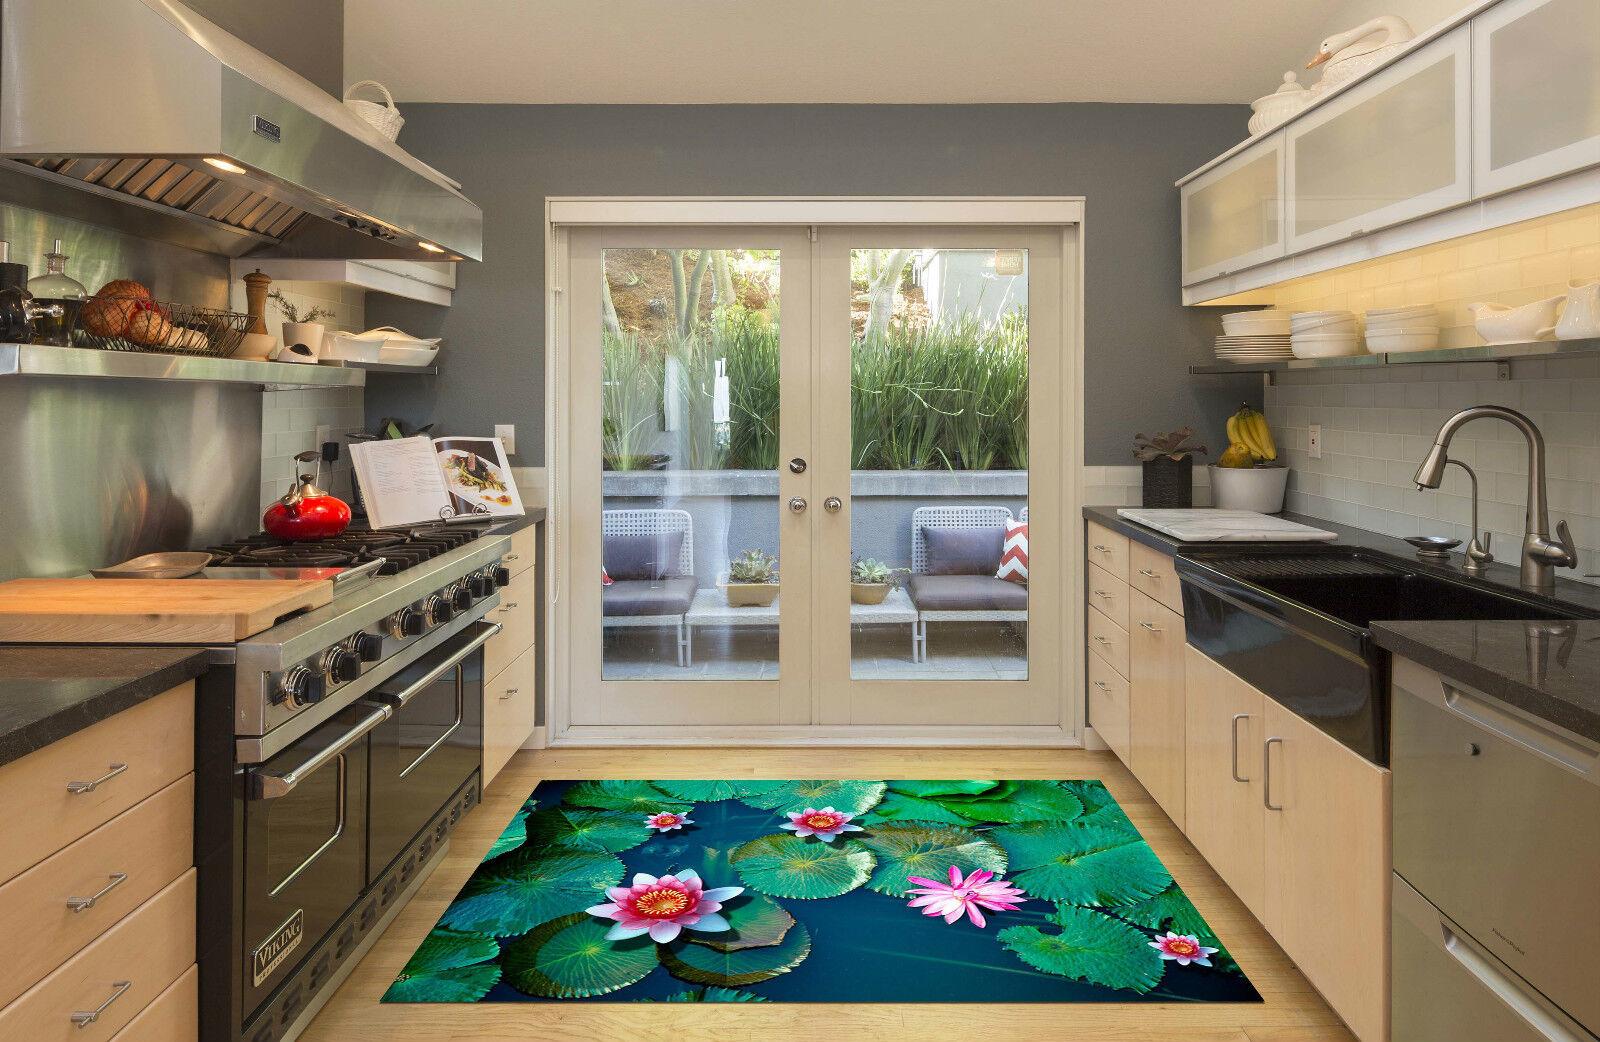 3D Lotus Pond 183 Kitchen Mat Floor Murals Wall Print Wall Deco AJ WALLPAPER CA